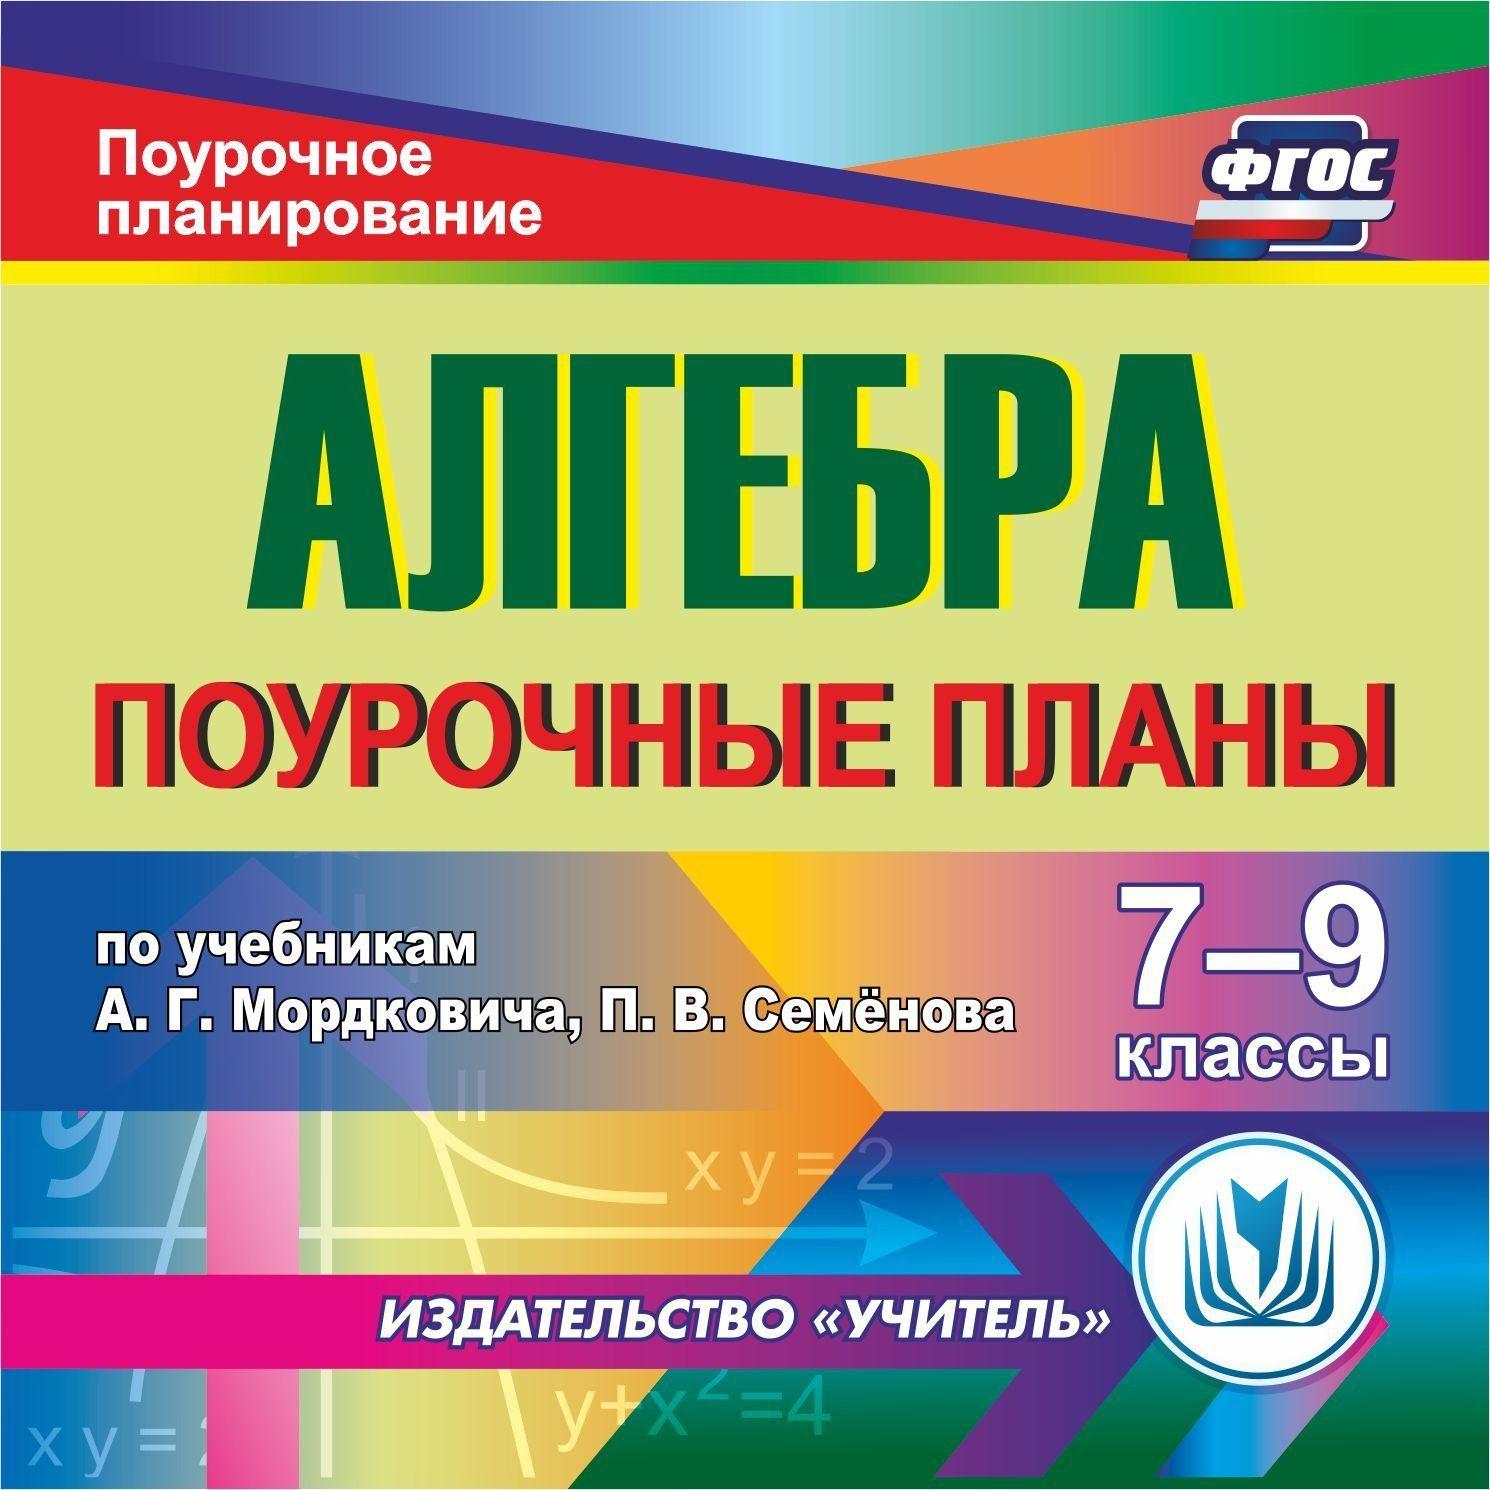 Алгебра. 7-9 классы: поурочные планы по учебникам А. Г. Мордковича, П. В. Семенова. Программа для установки через Интернет